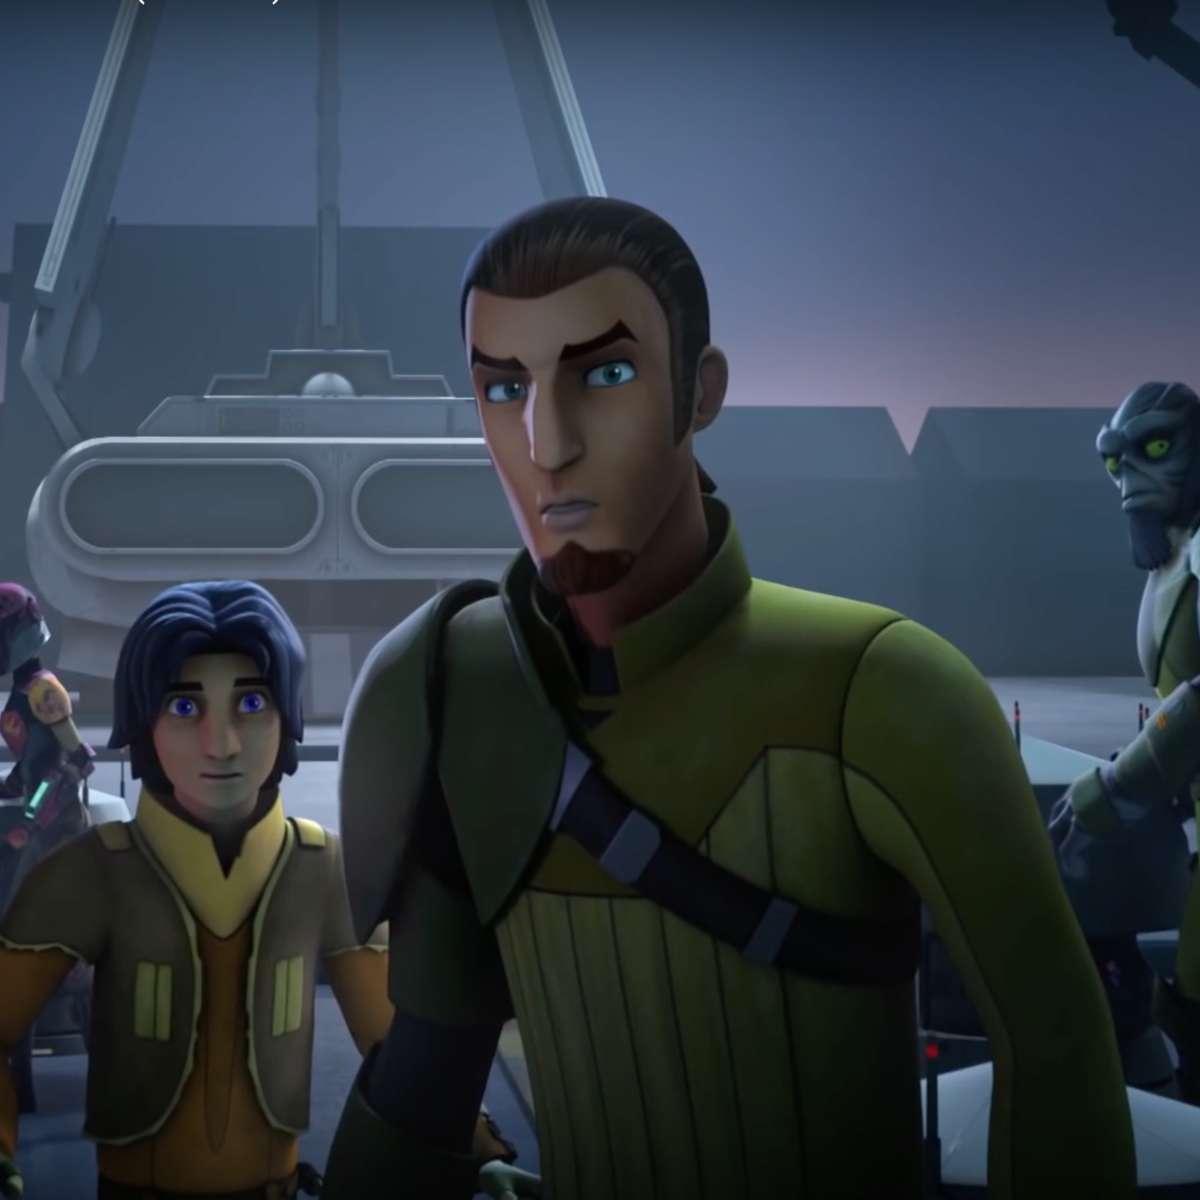 Star Wars Rebels Season 4